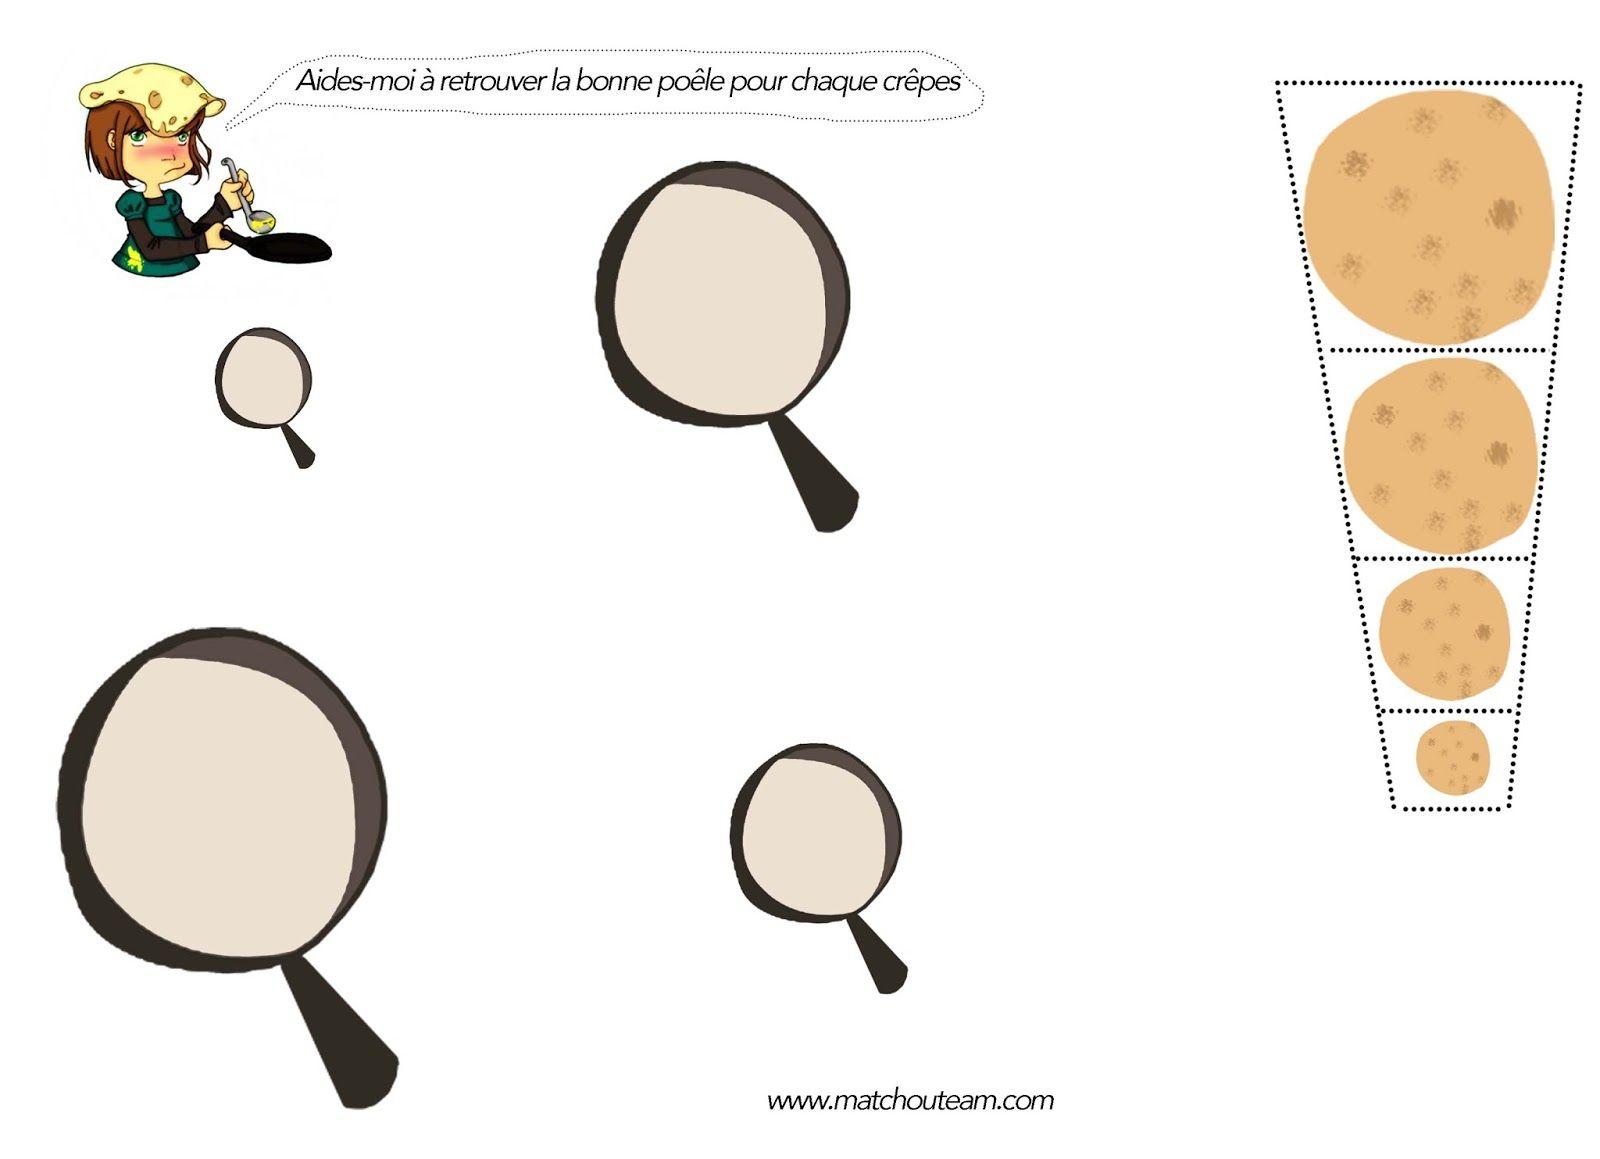 chandeleur les fiches pour maternelles imprimer chandeleur chandeleur maternelle et. Black Bedroom Furniture Sets. Home Design Ideas